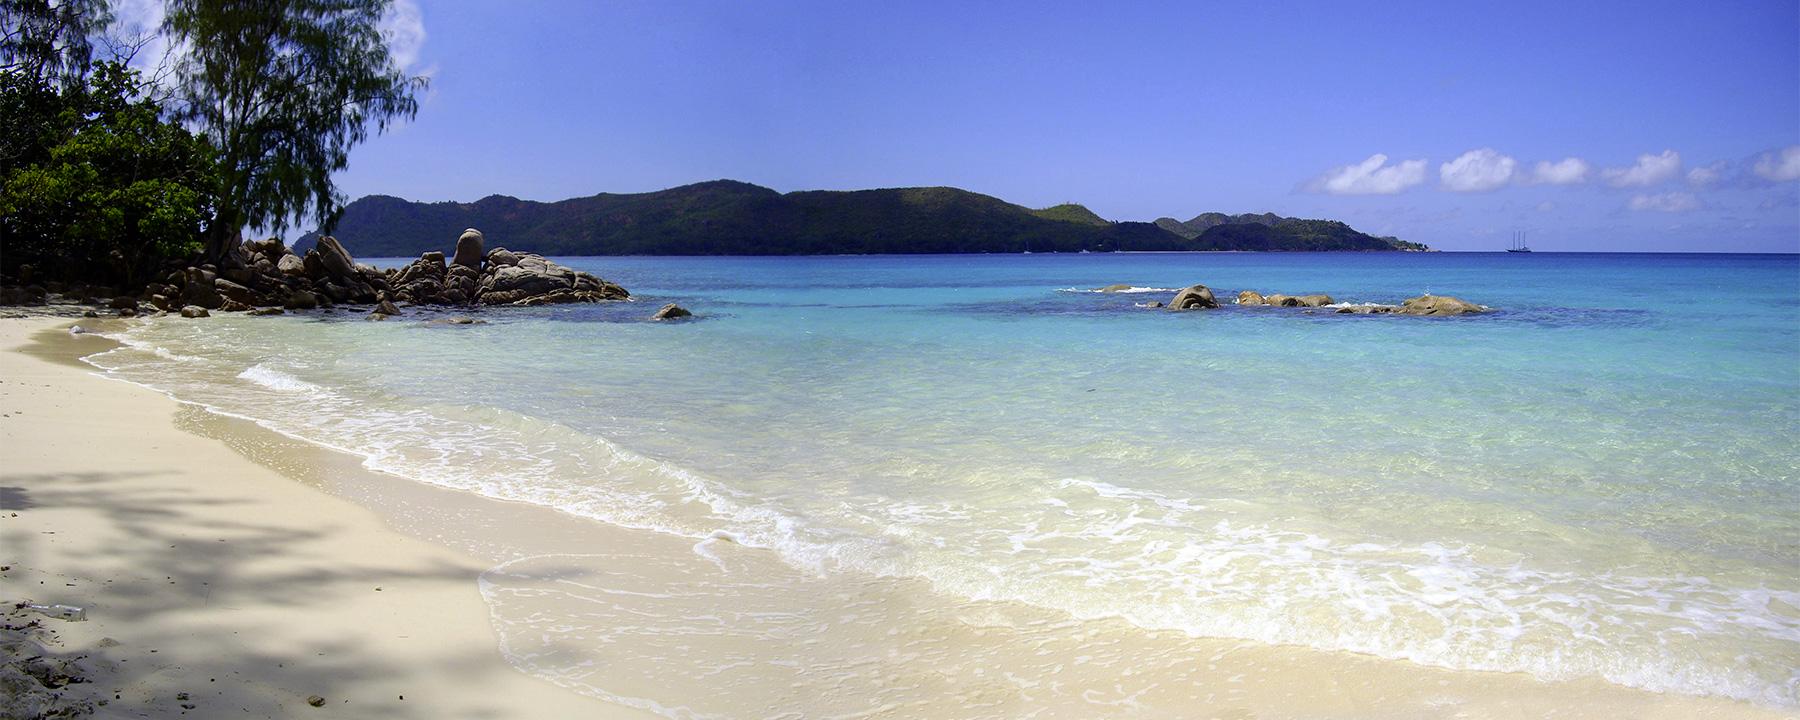 Остров Маэ Сейшелы Расположение и Достопримечательности: Что Посмотреть на Сейшельских Островах?